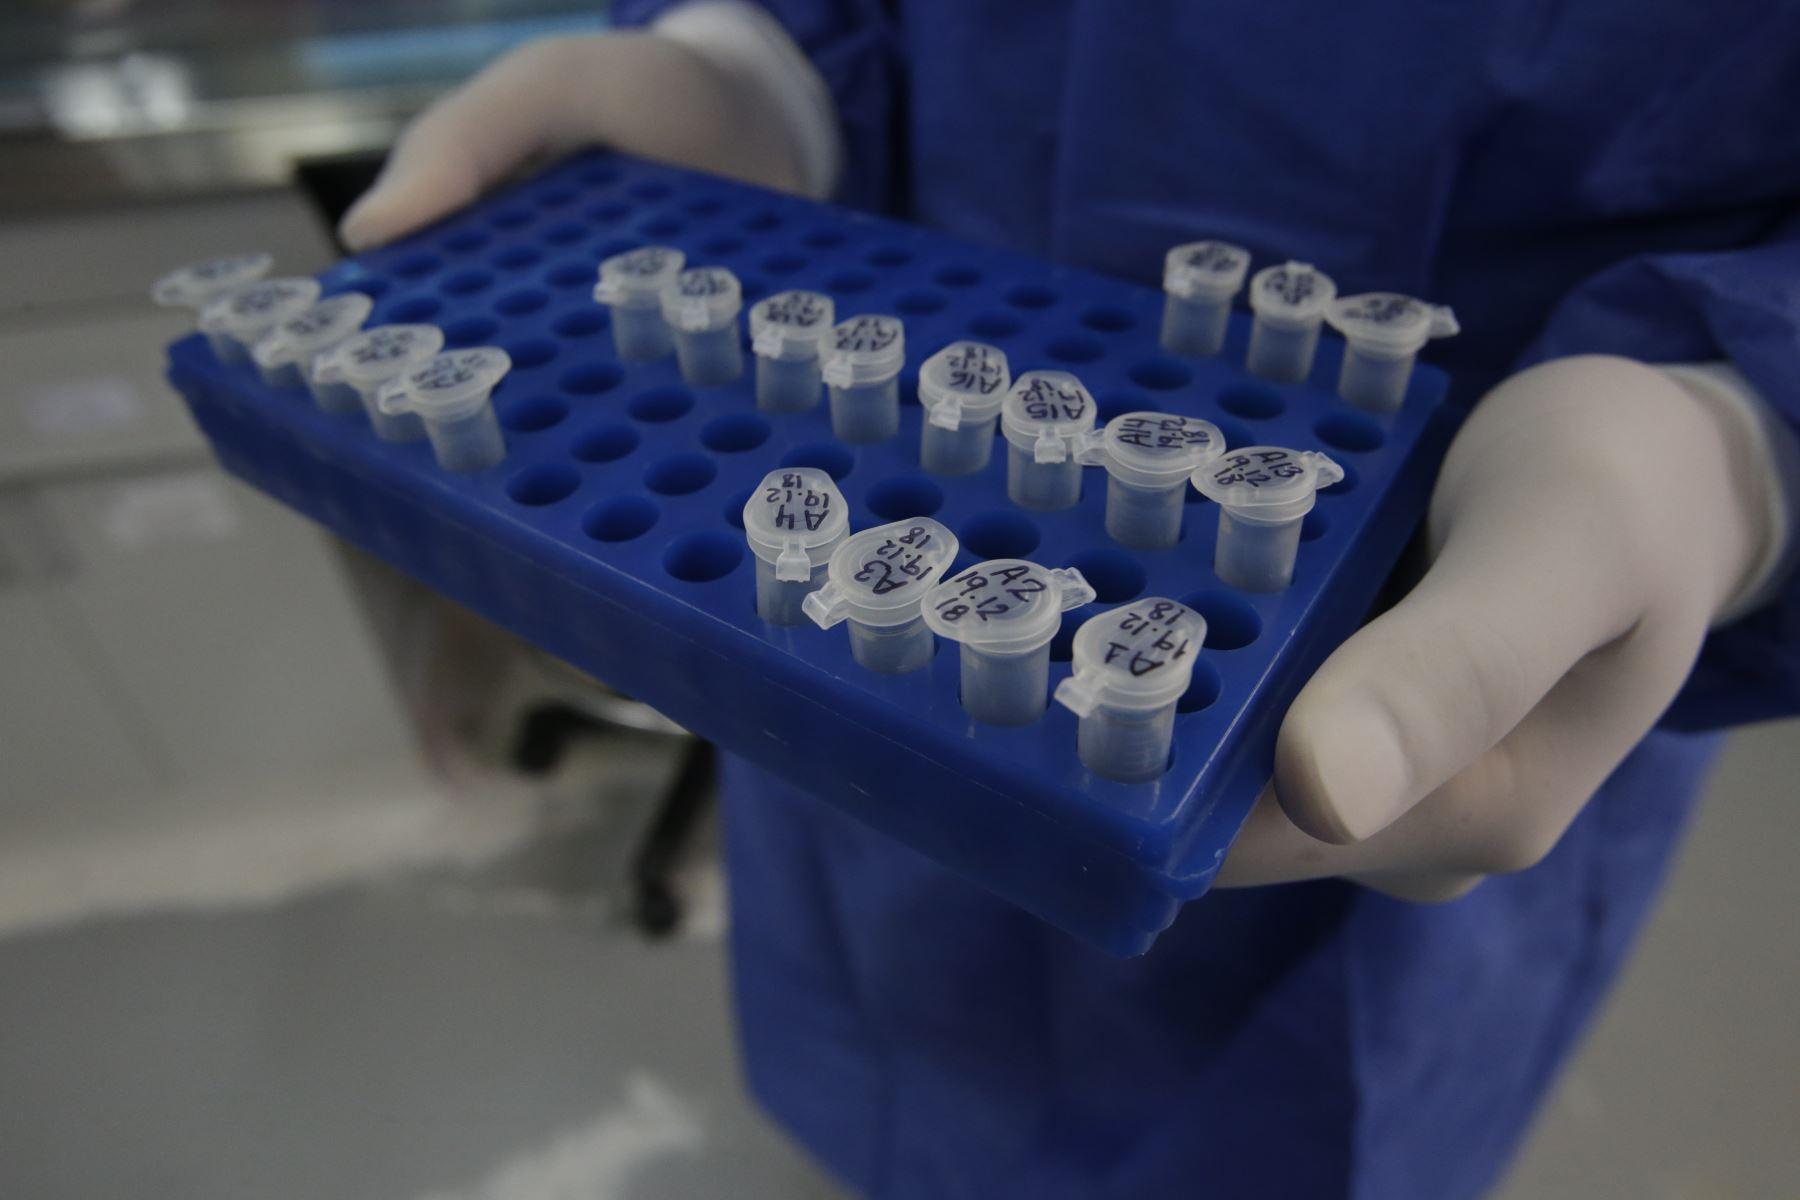 peru-es-uno-de-los-paises-pioneros-en-la-region-en-el-uso-de-nuevos-medicamentos-contra-tb